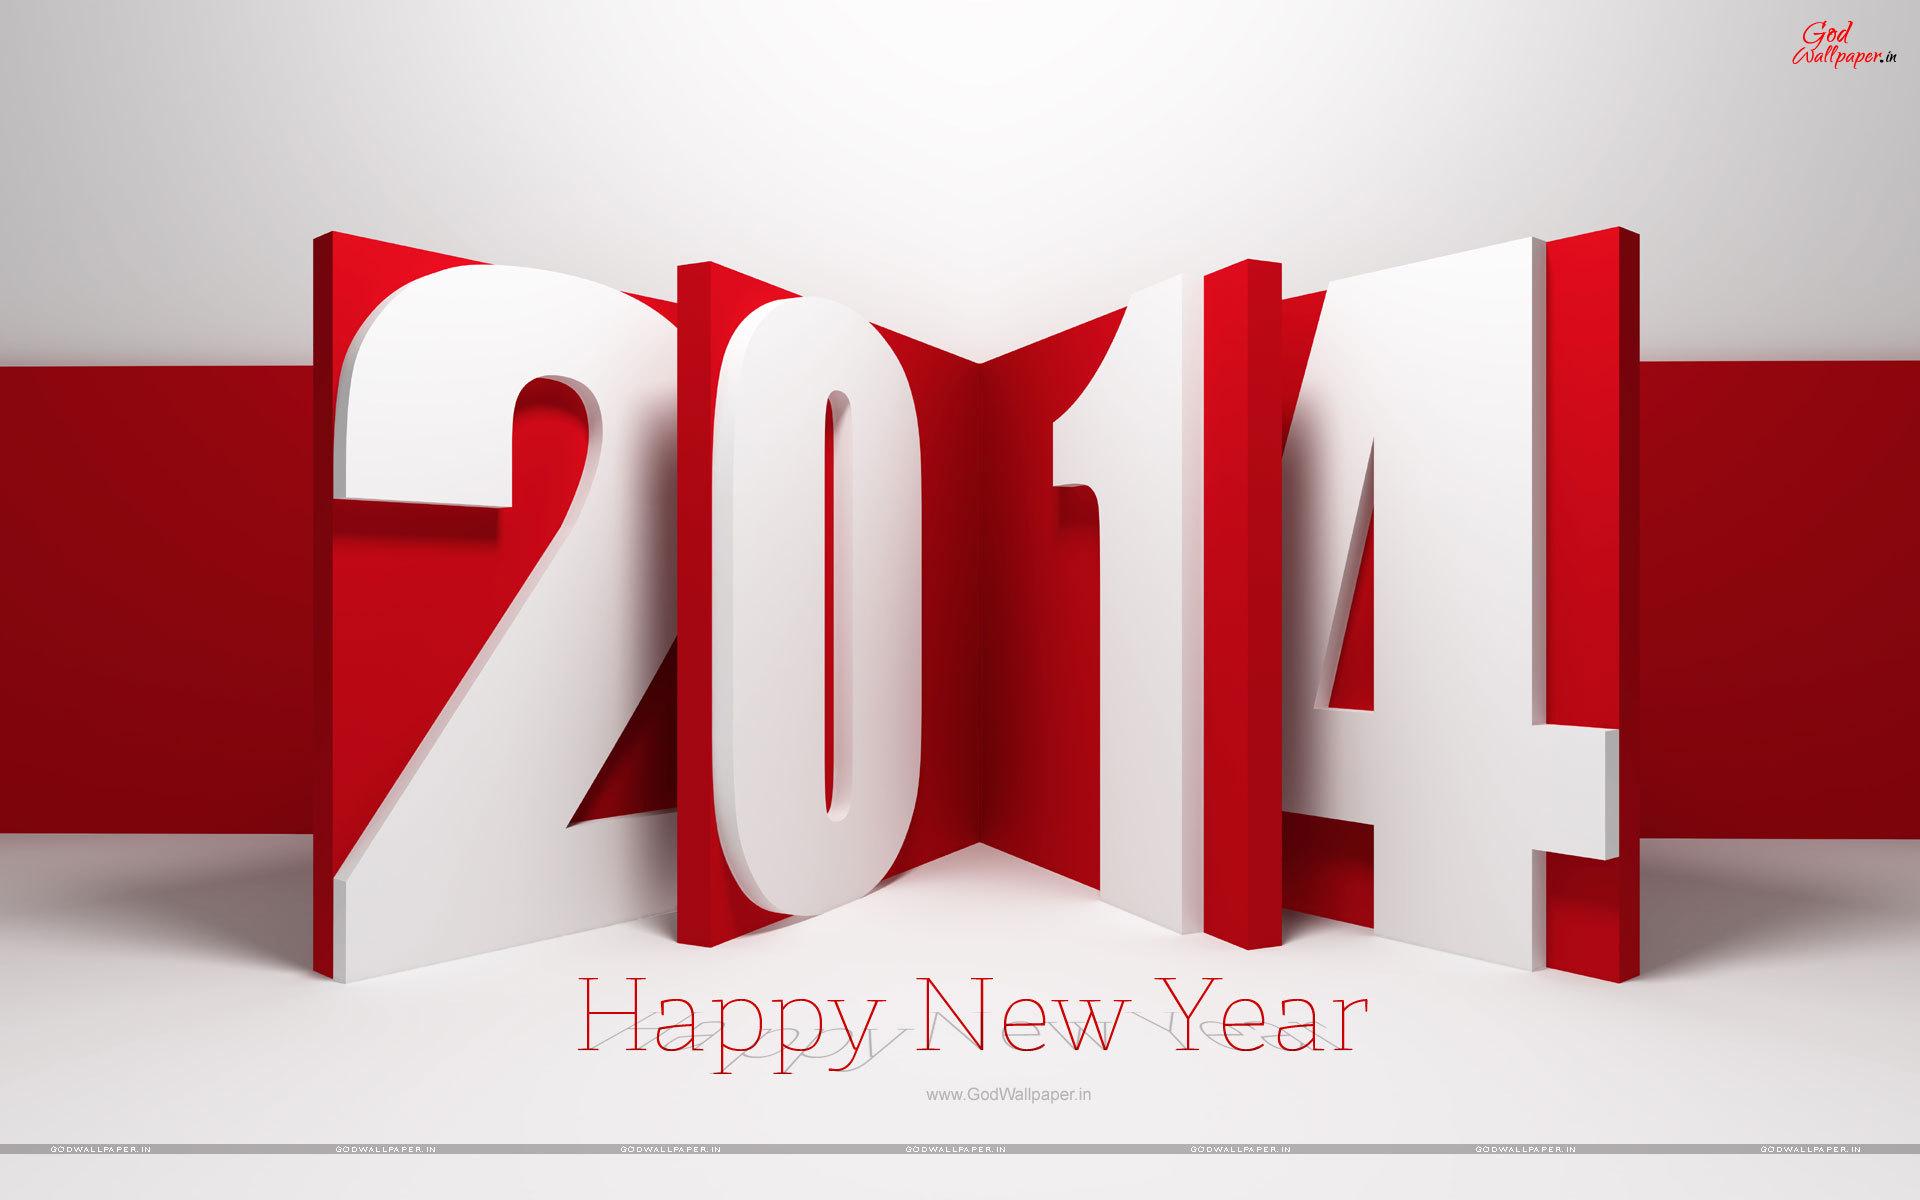 Zastaki.com - Счастливого нового 2014 года